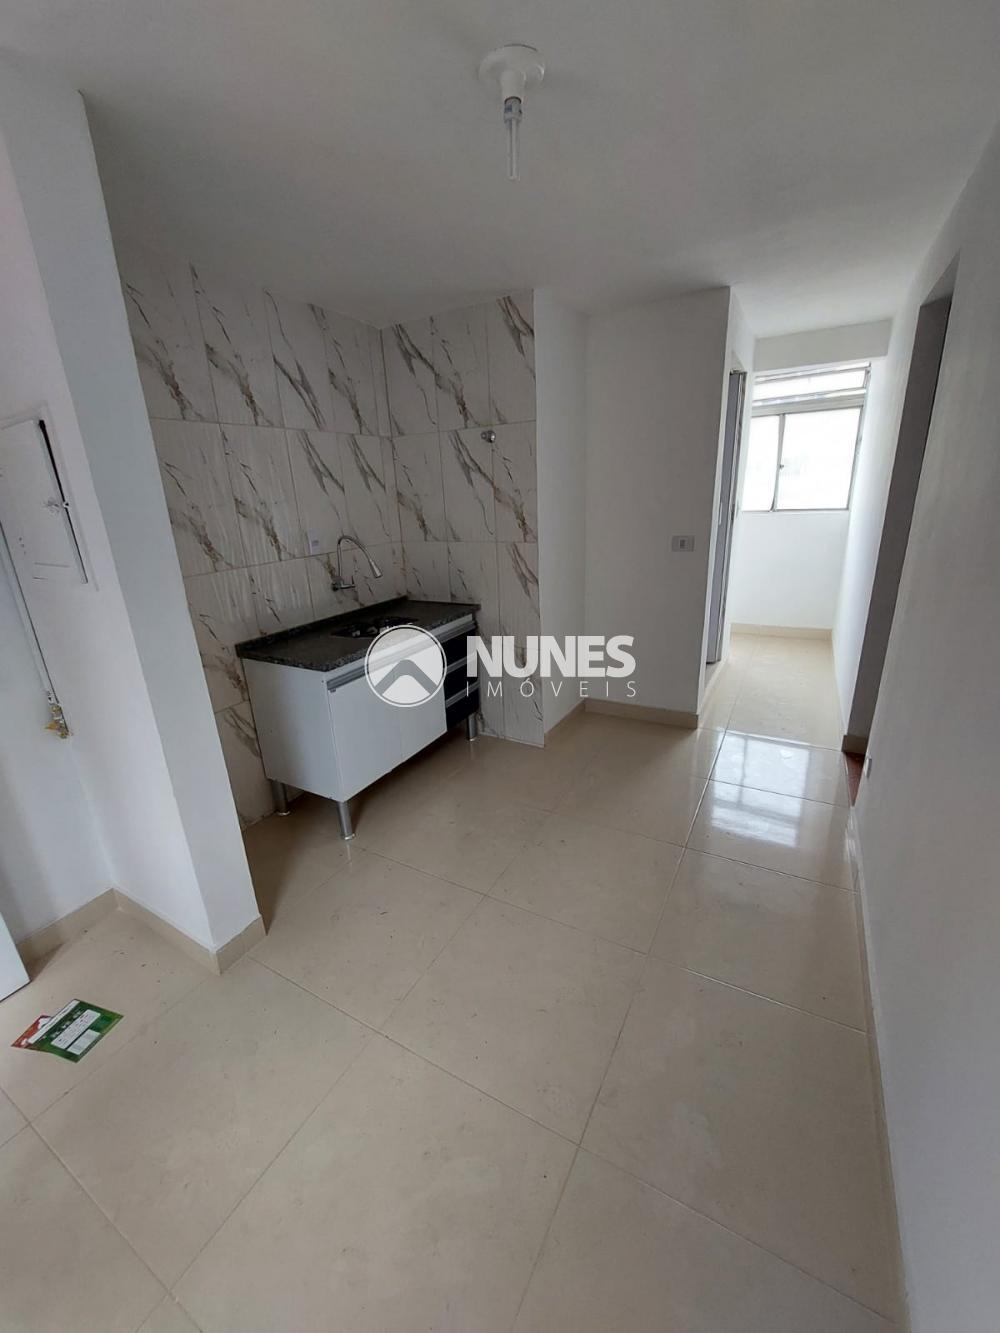 Comprar Apartamento / Padrão em Carapicuíba R$ 135.000,00 - Foto 6